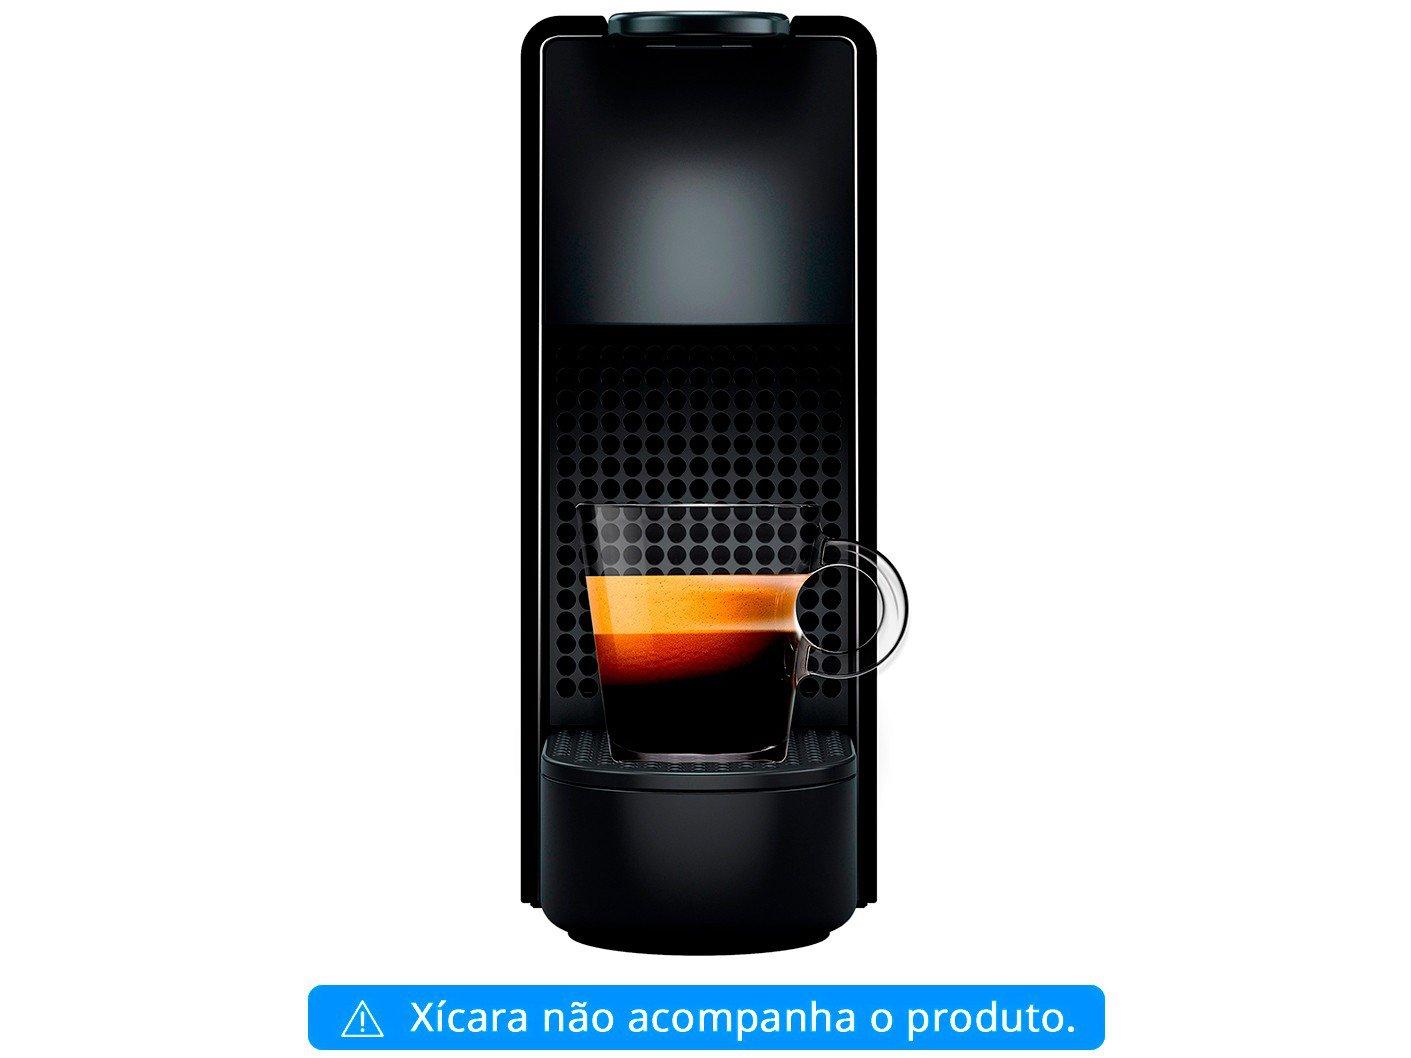 Máquina de Café Nespresso Essenza Mini C30 com Kit Boas Vindas - Preta - 110V - 8